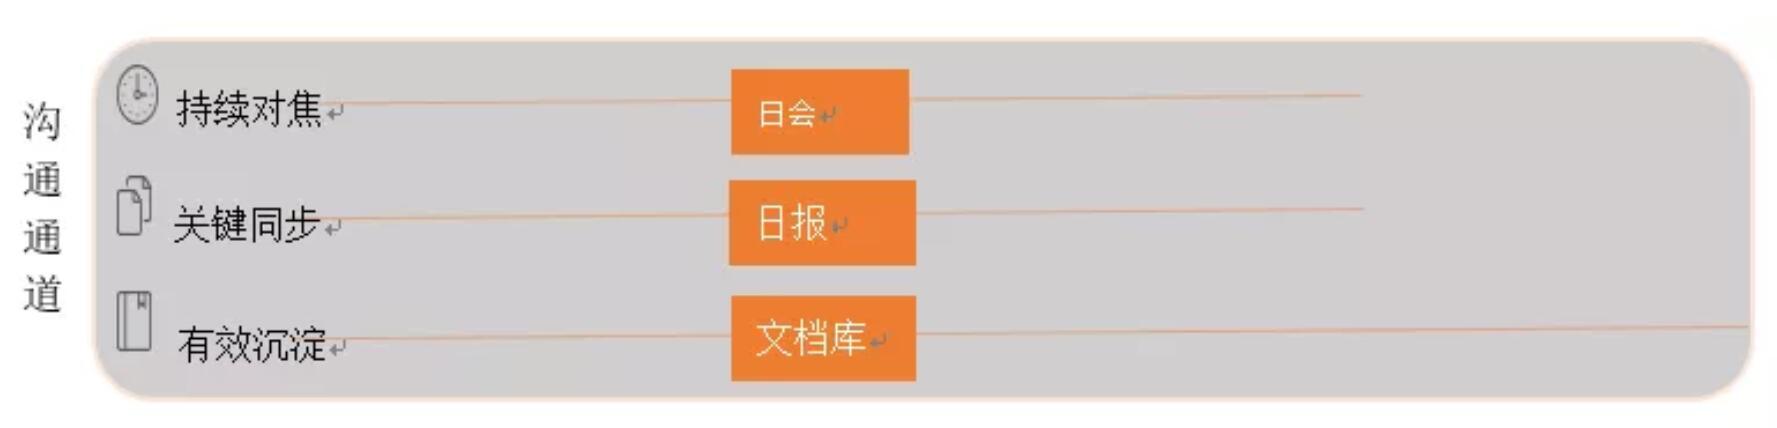 阿里项目管理2.jpg